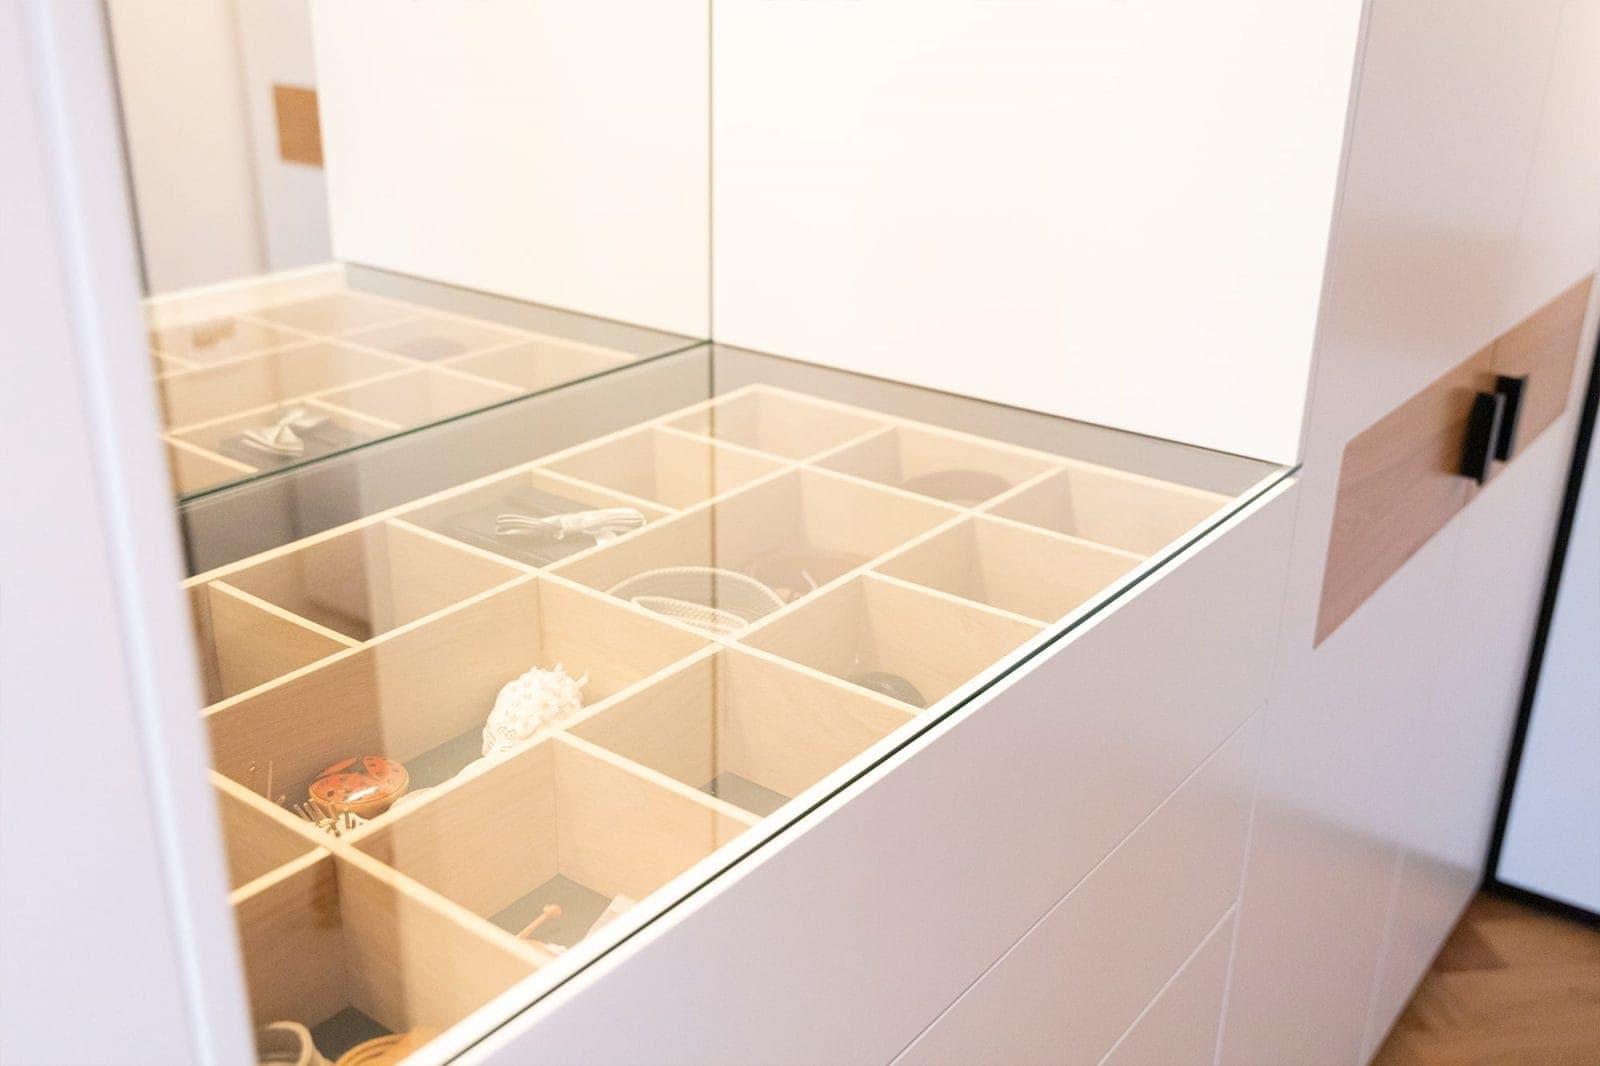 Atelier19 Inloopkast Op Maat Barendrecht 4 Min 1600x1066